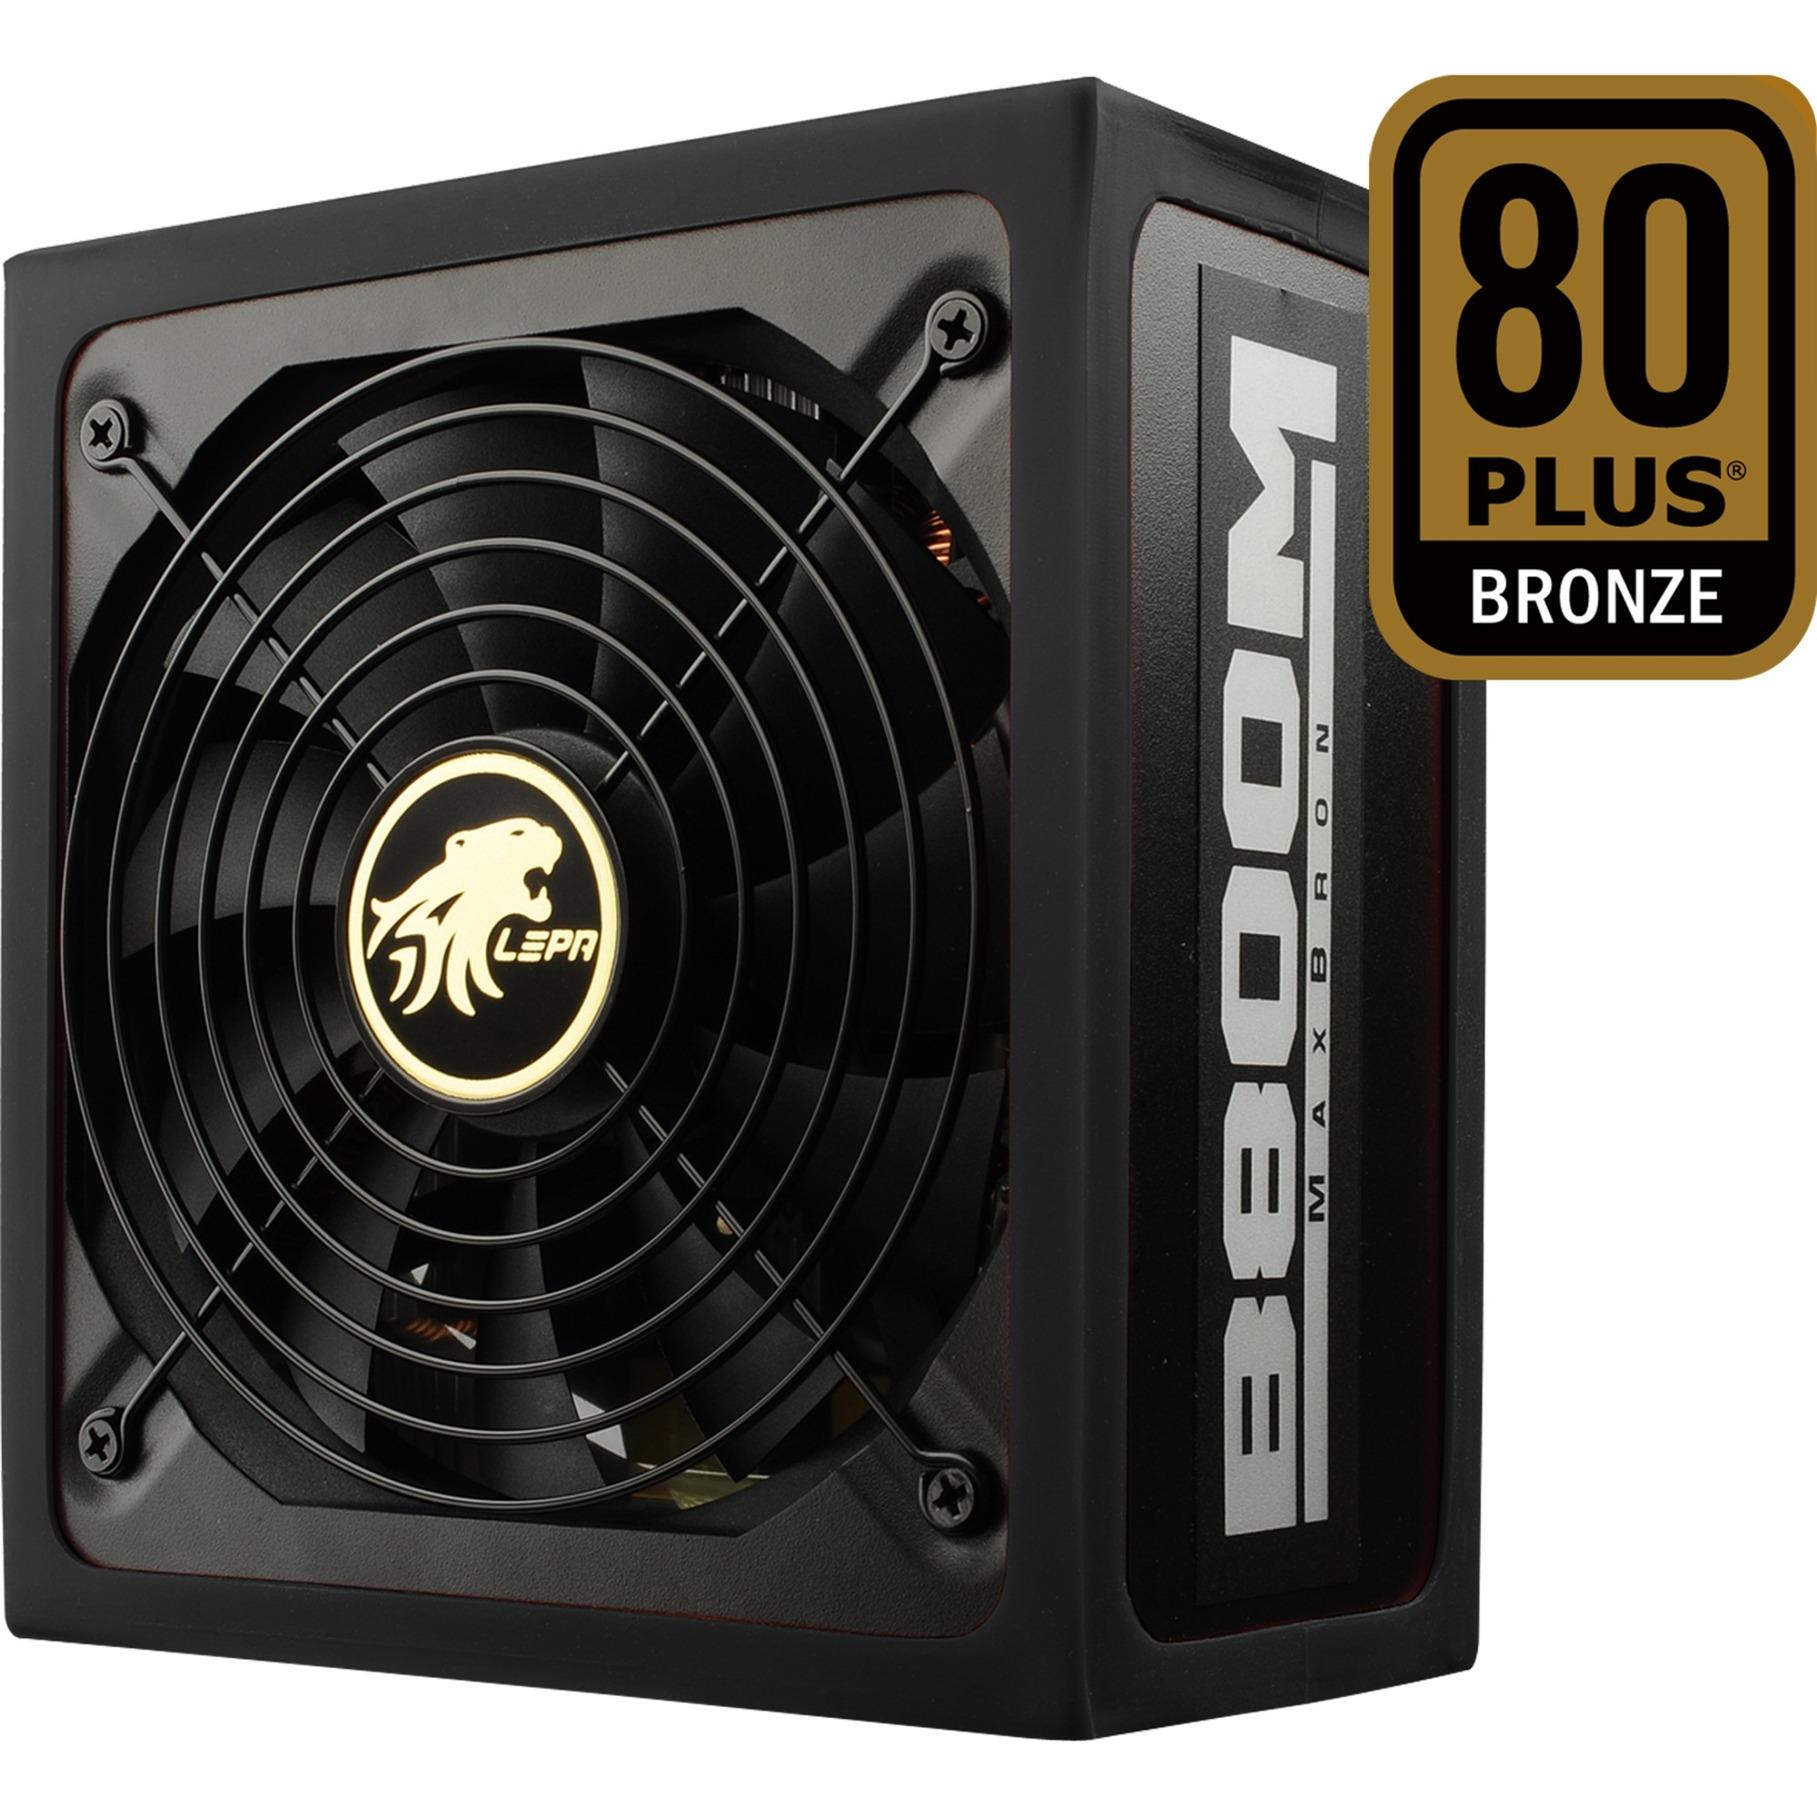 MAXBRON B800-MB